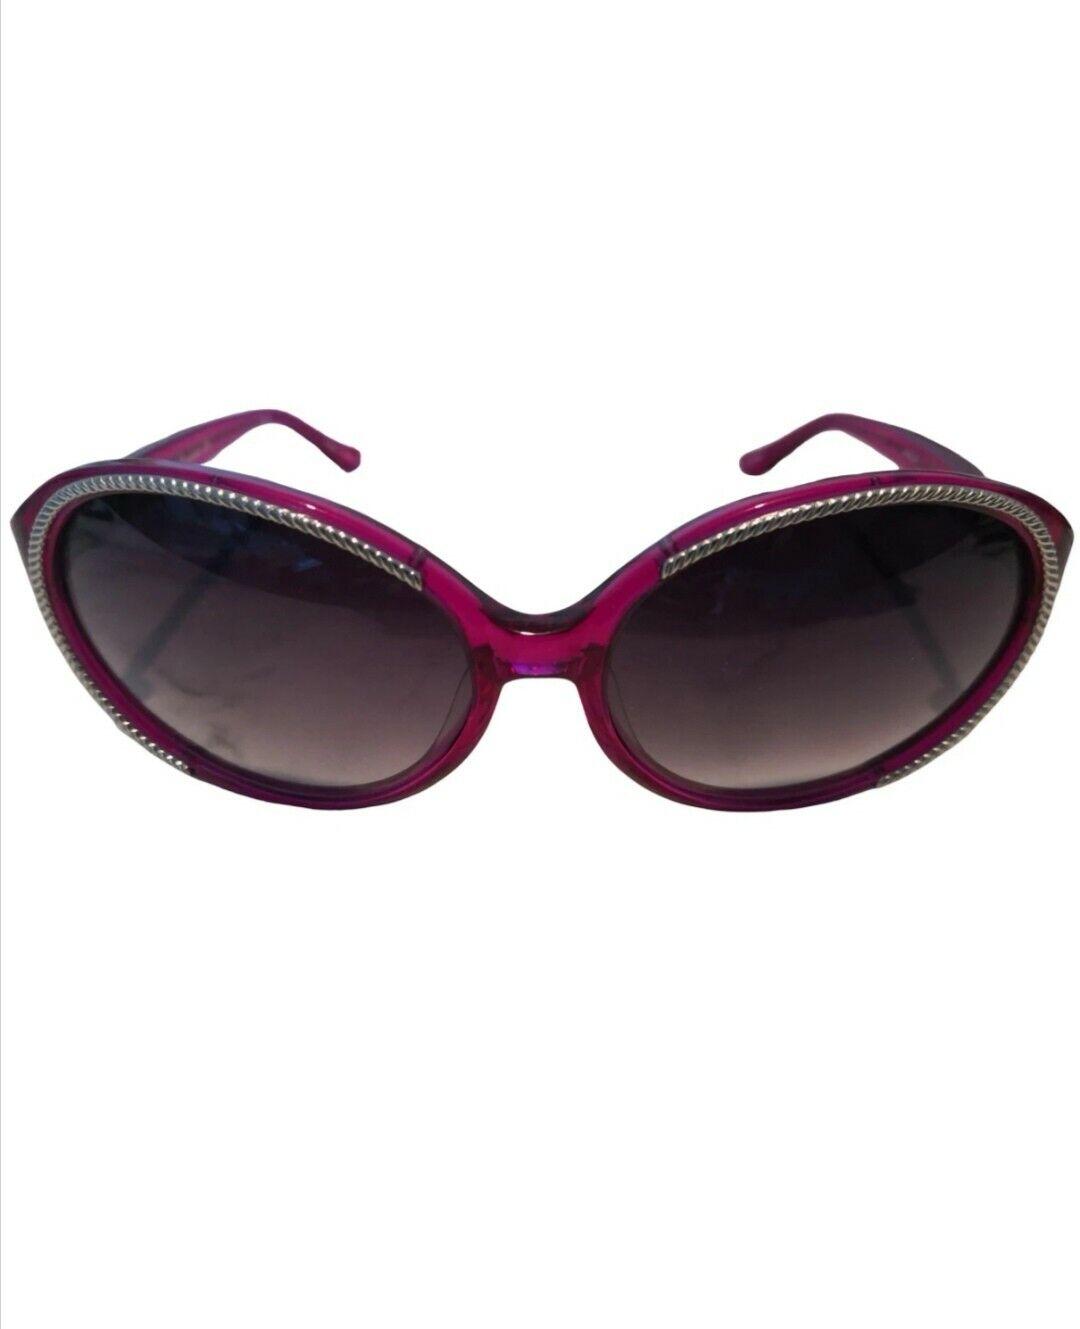 Agent Provocateur x Linda Farrow Diseñador Gafas De Sol Hecho en Japón Fucsia Nuevo Y En Caja